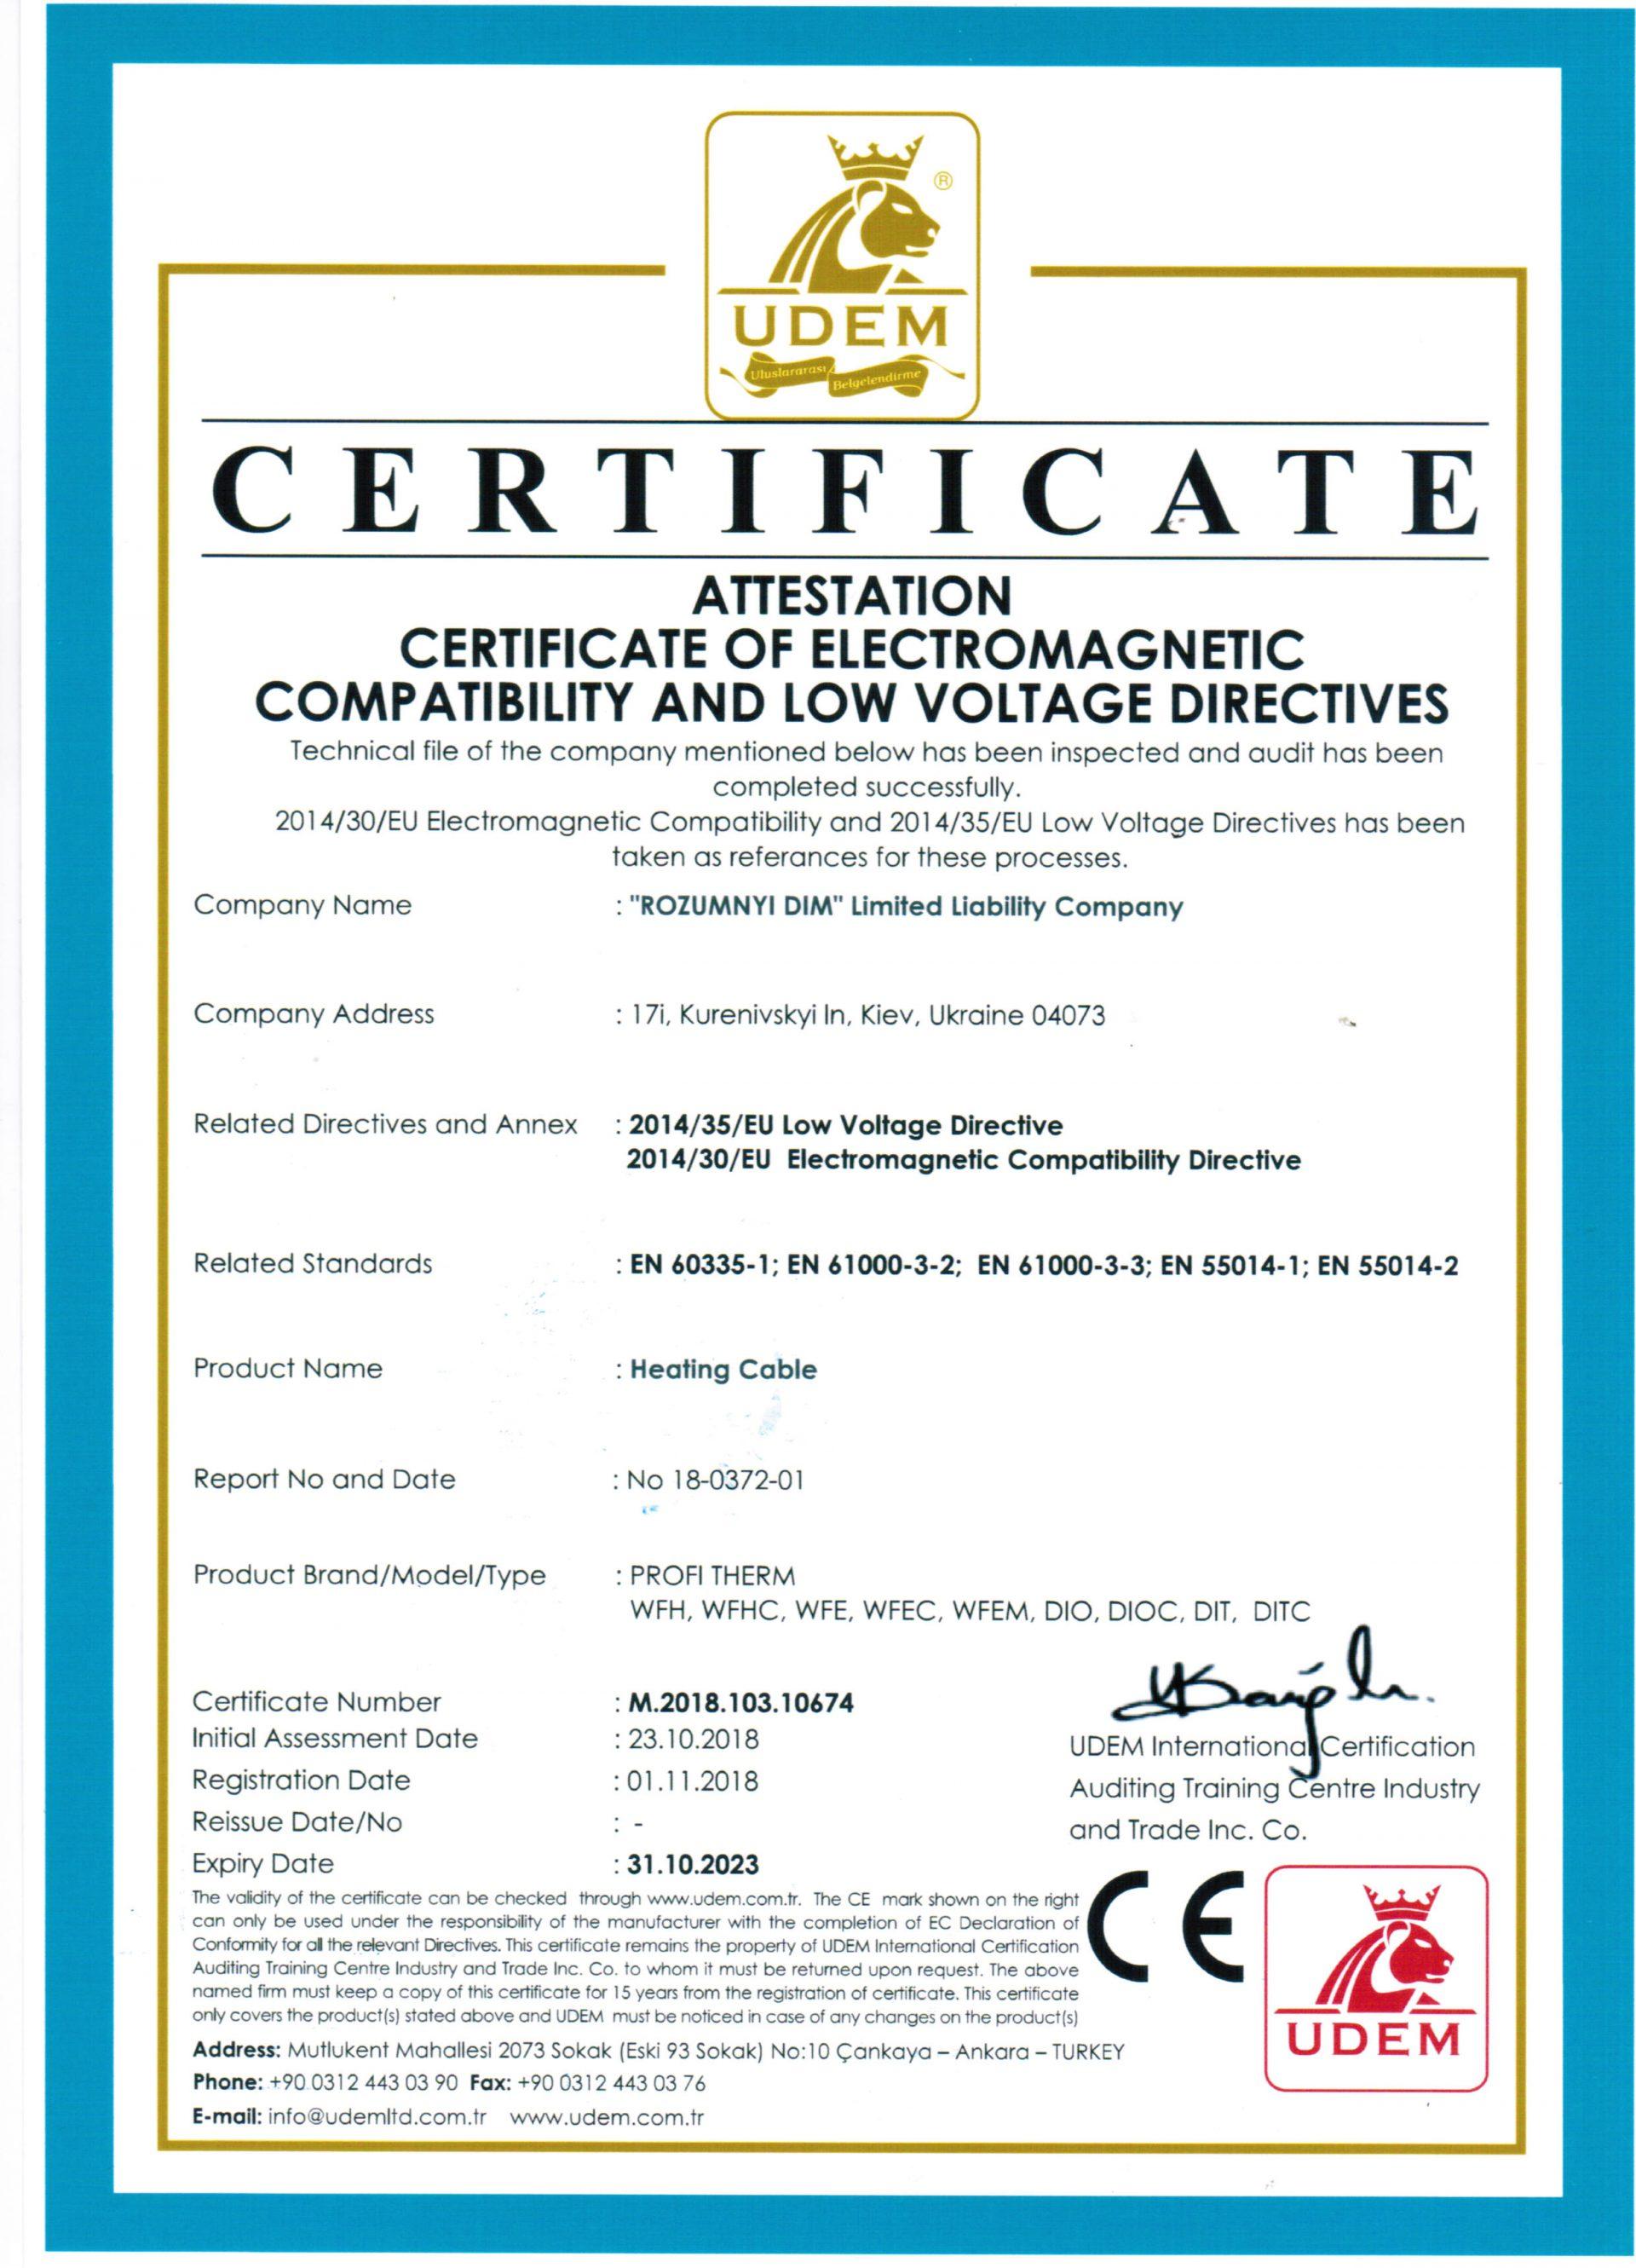 Український нагрівальний кабель PROFITHERM отримав сертифікат якості та відповідності європейським нормам UDEM!